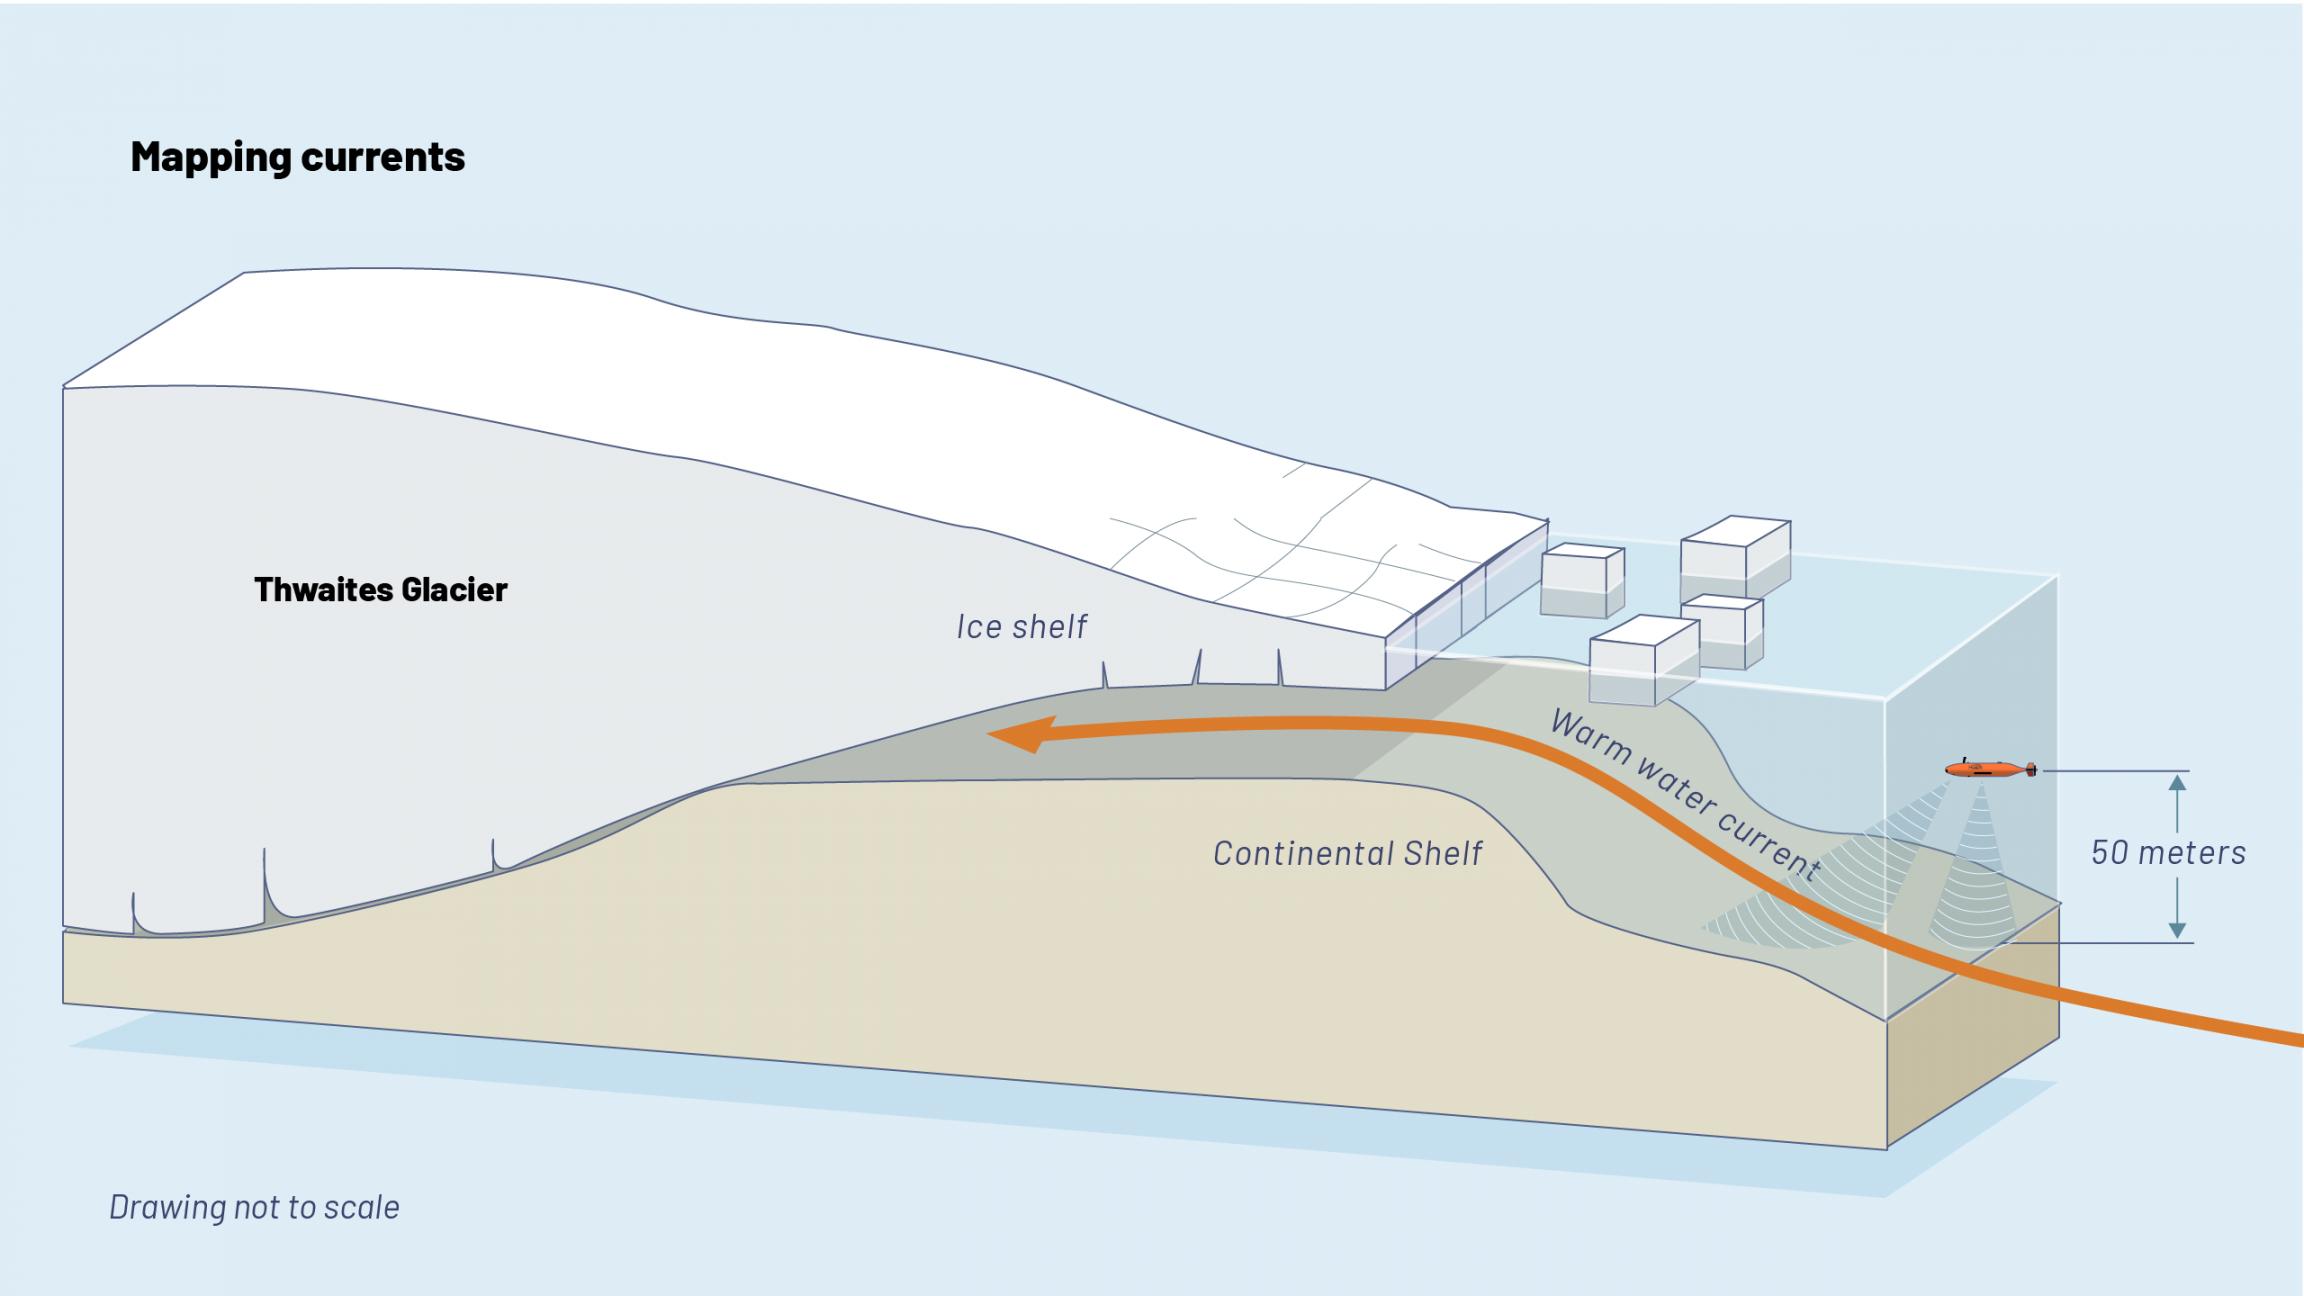 A graphic illustration shows the Hugin under Thwaites Glacier